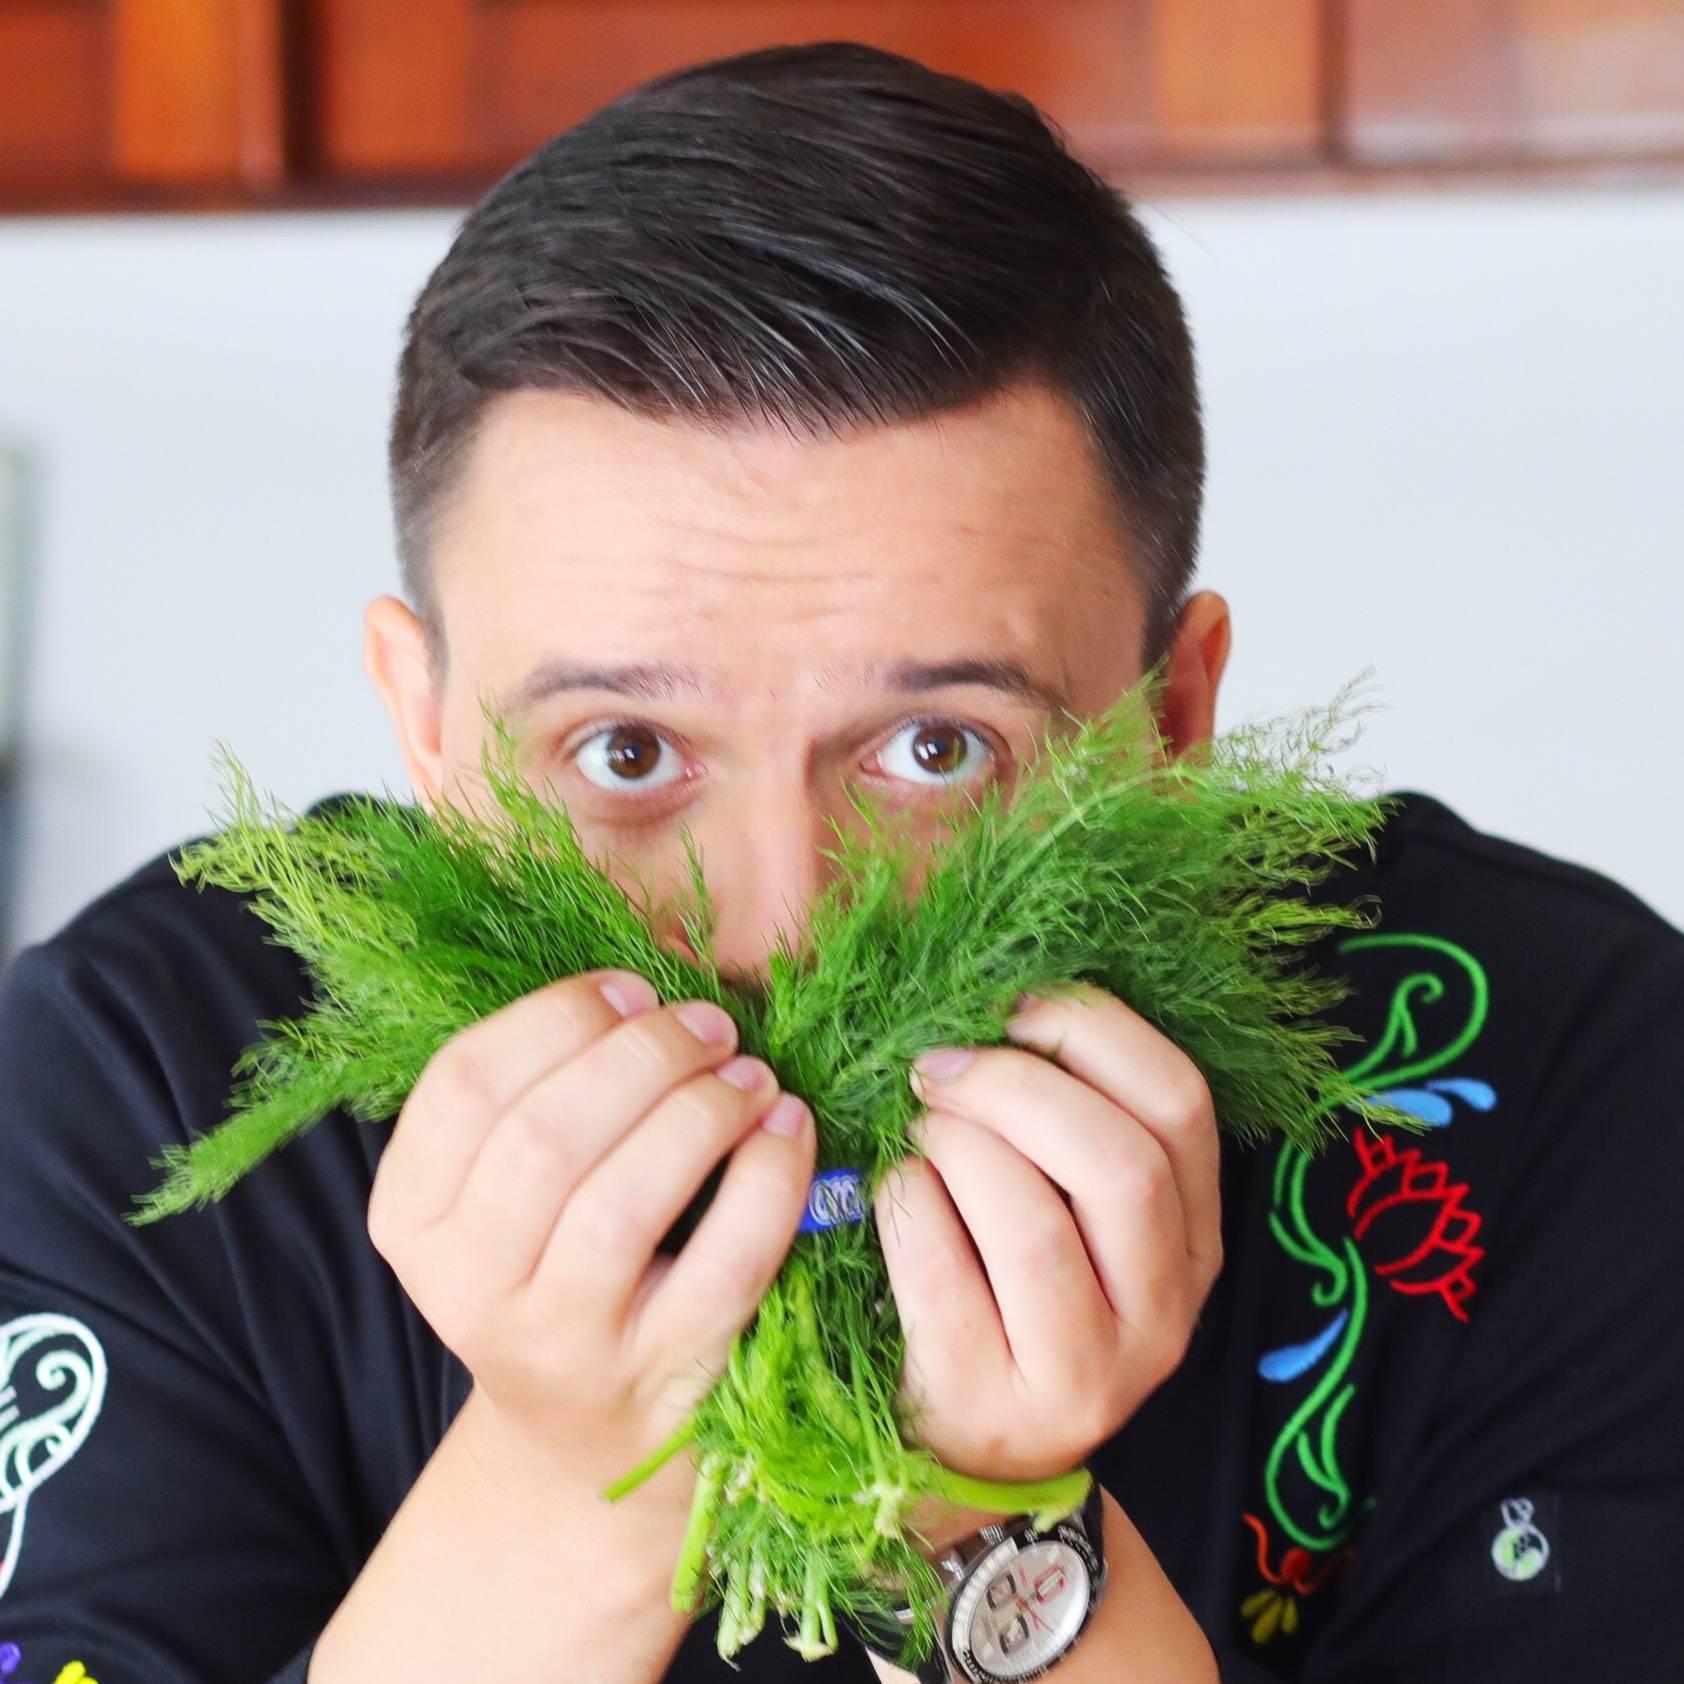 Photo from Kirill Grechin